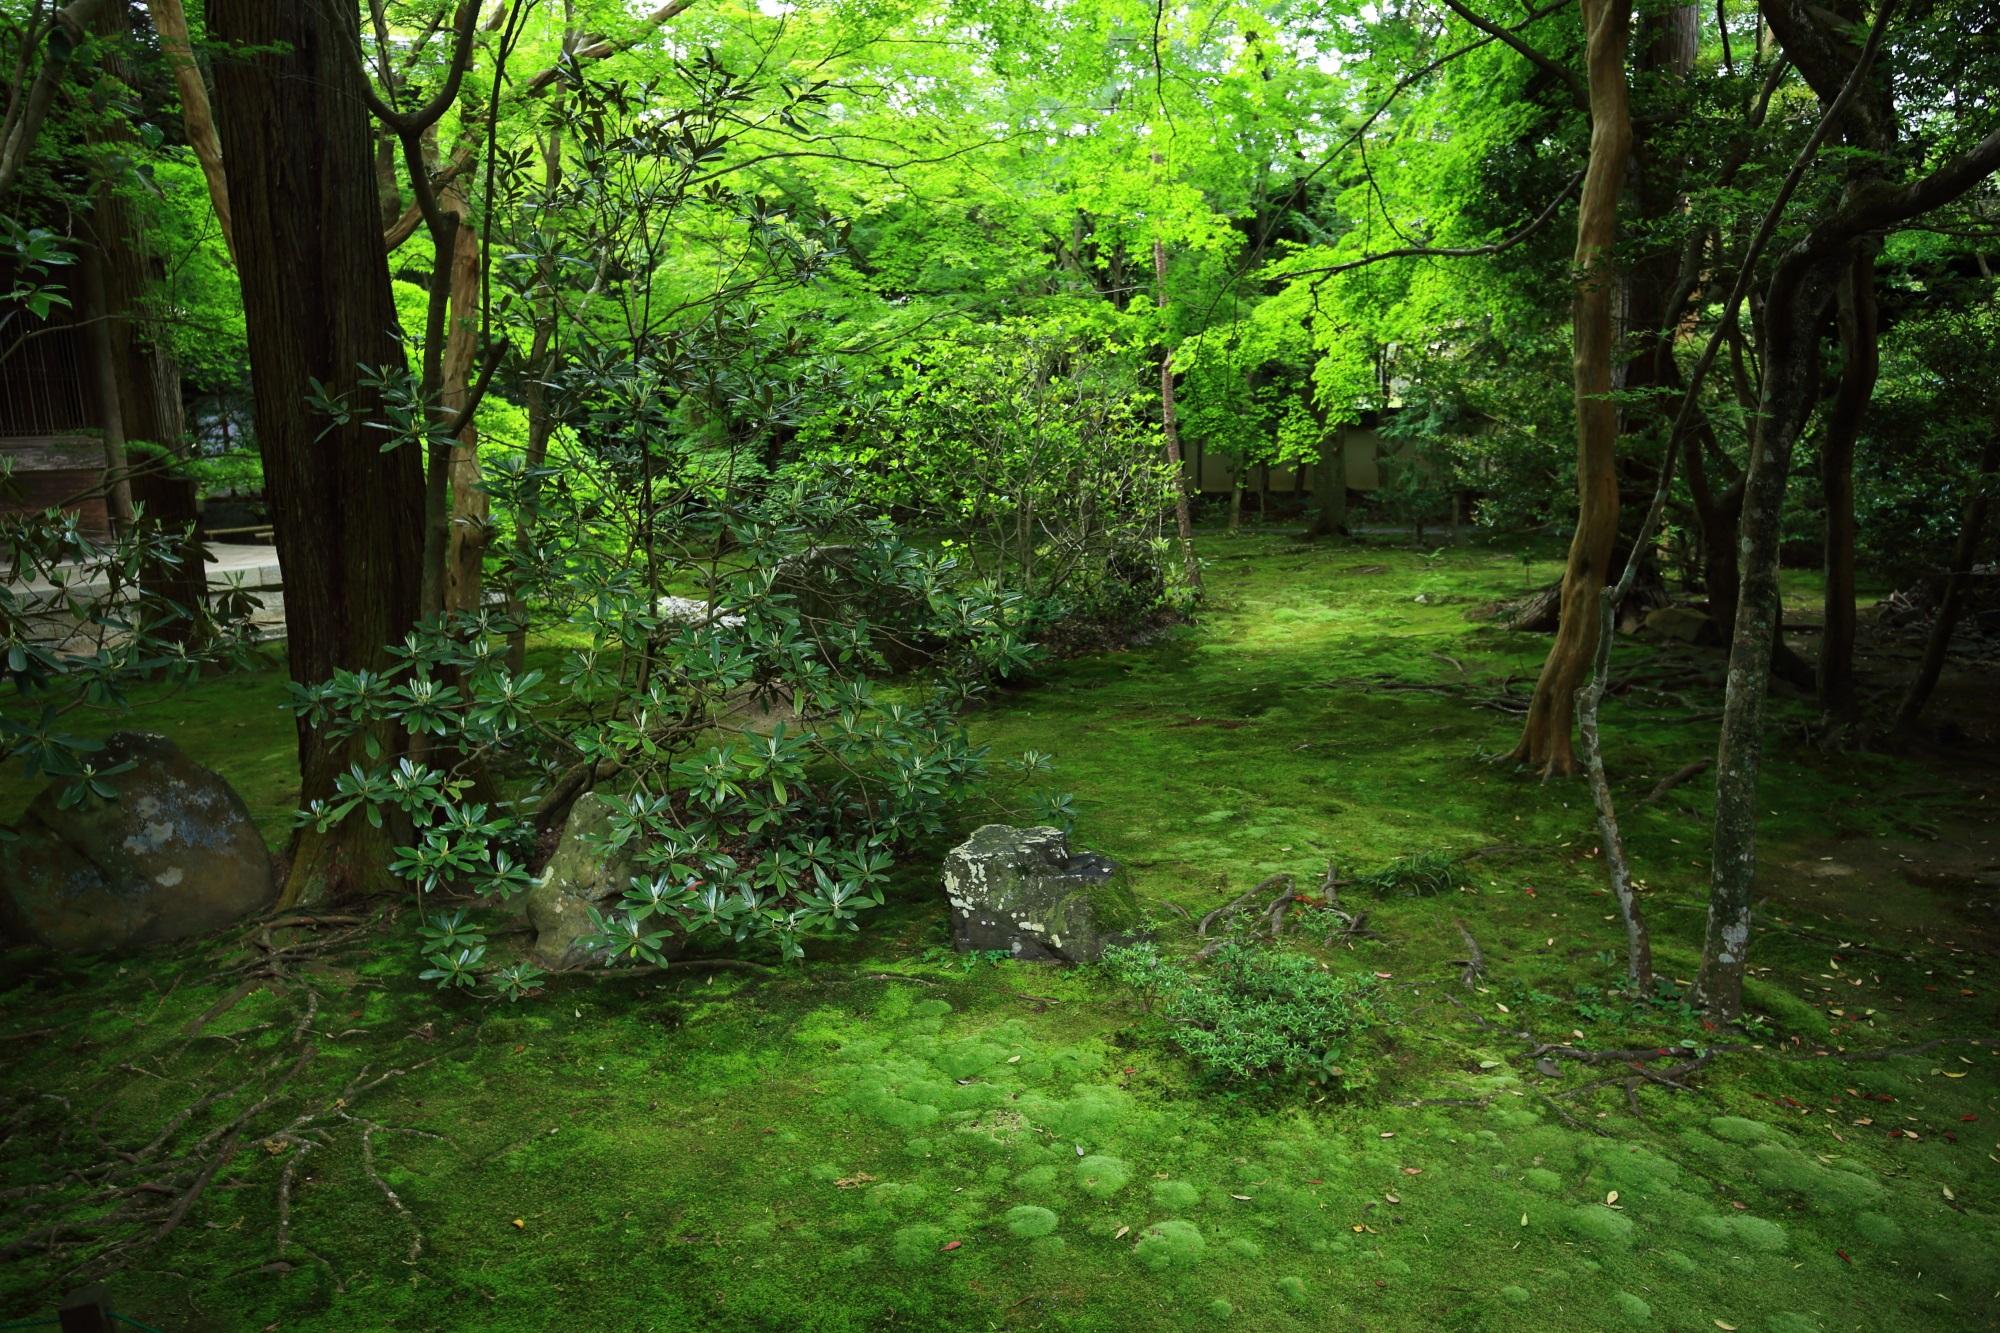 蓮華寺の緑につつまれた苔の庭園